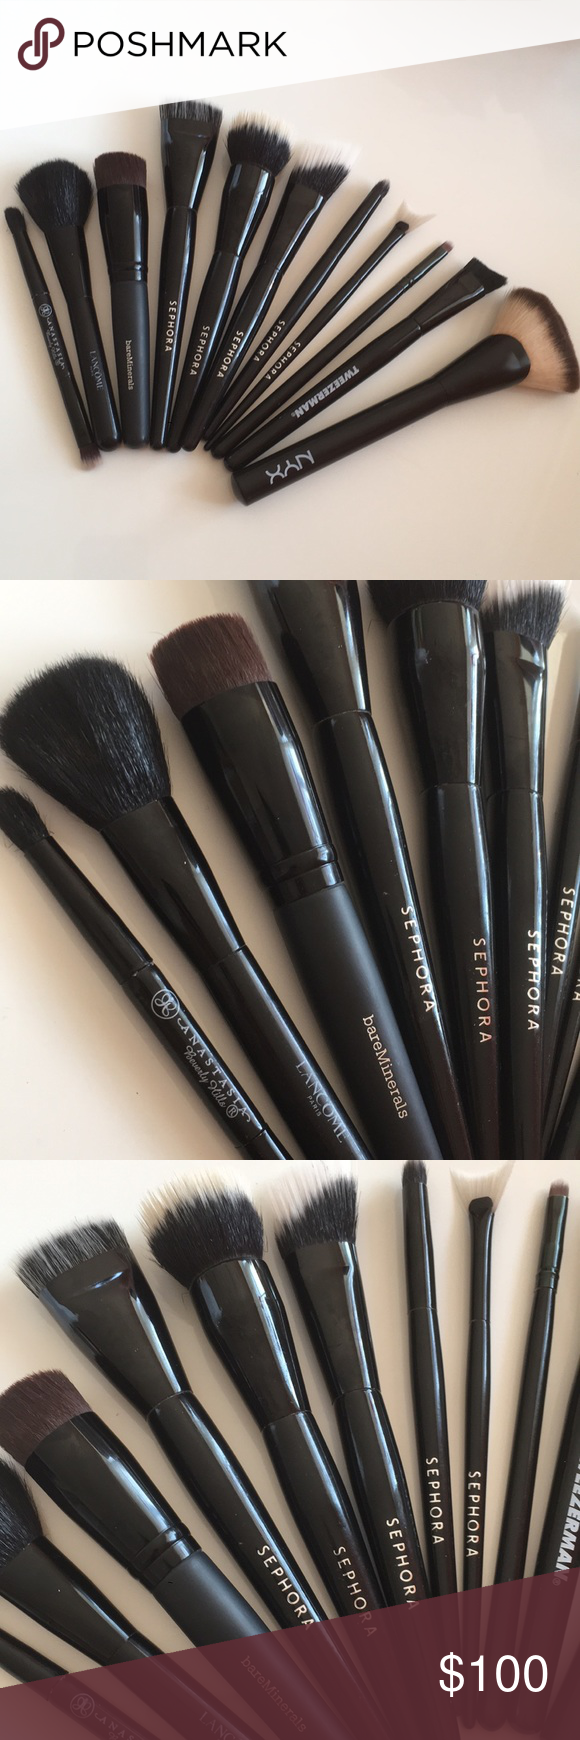 Sephora lancôme anastasia bh makeup brush set Makeup